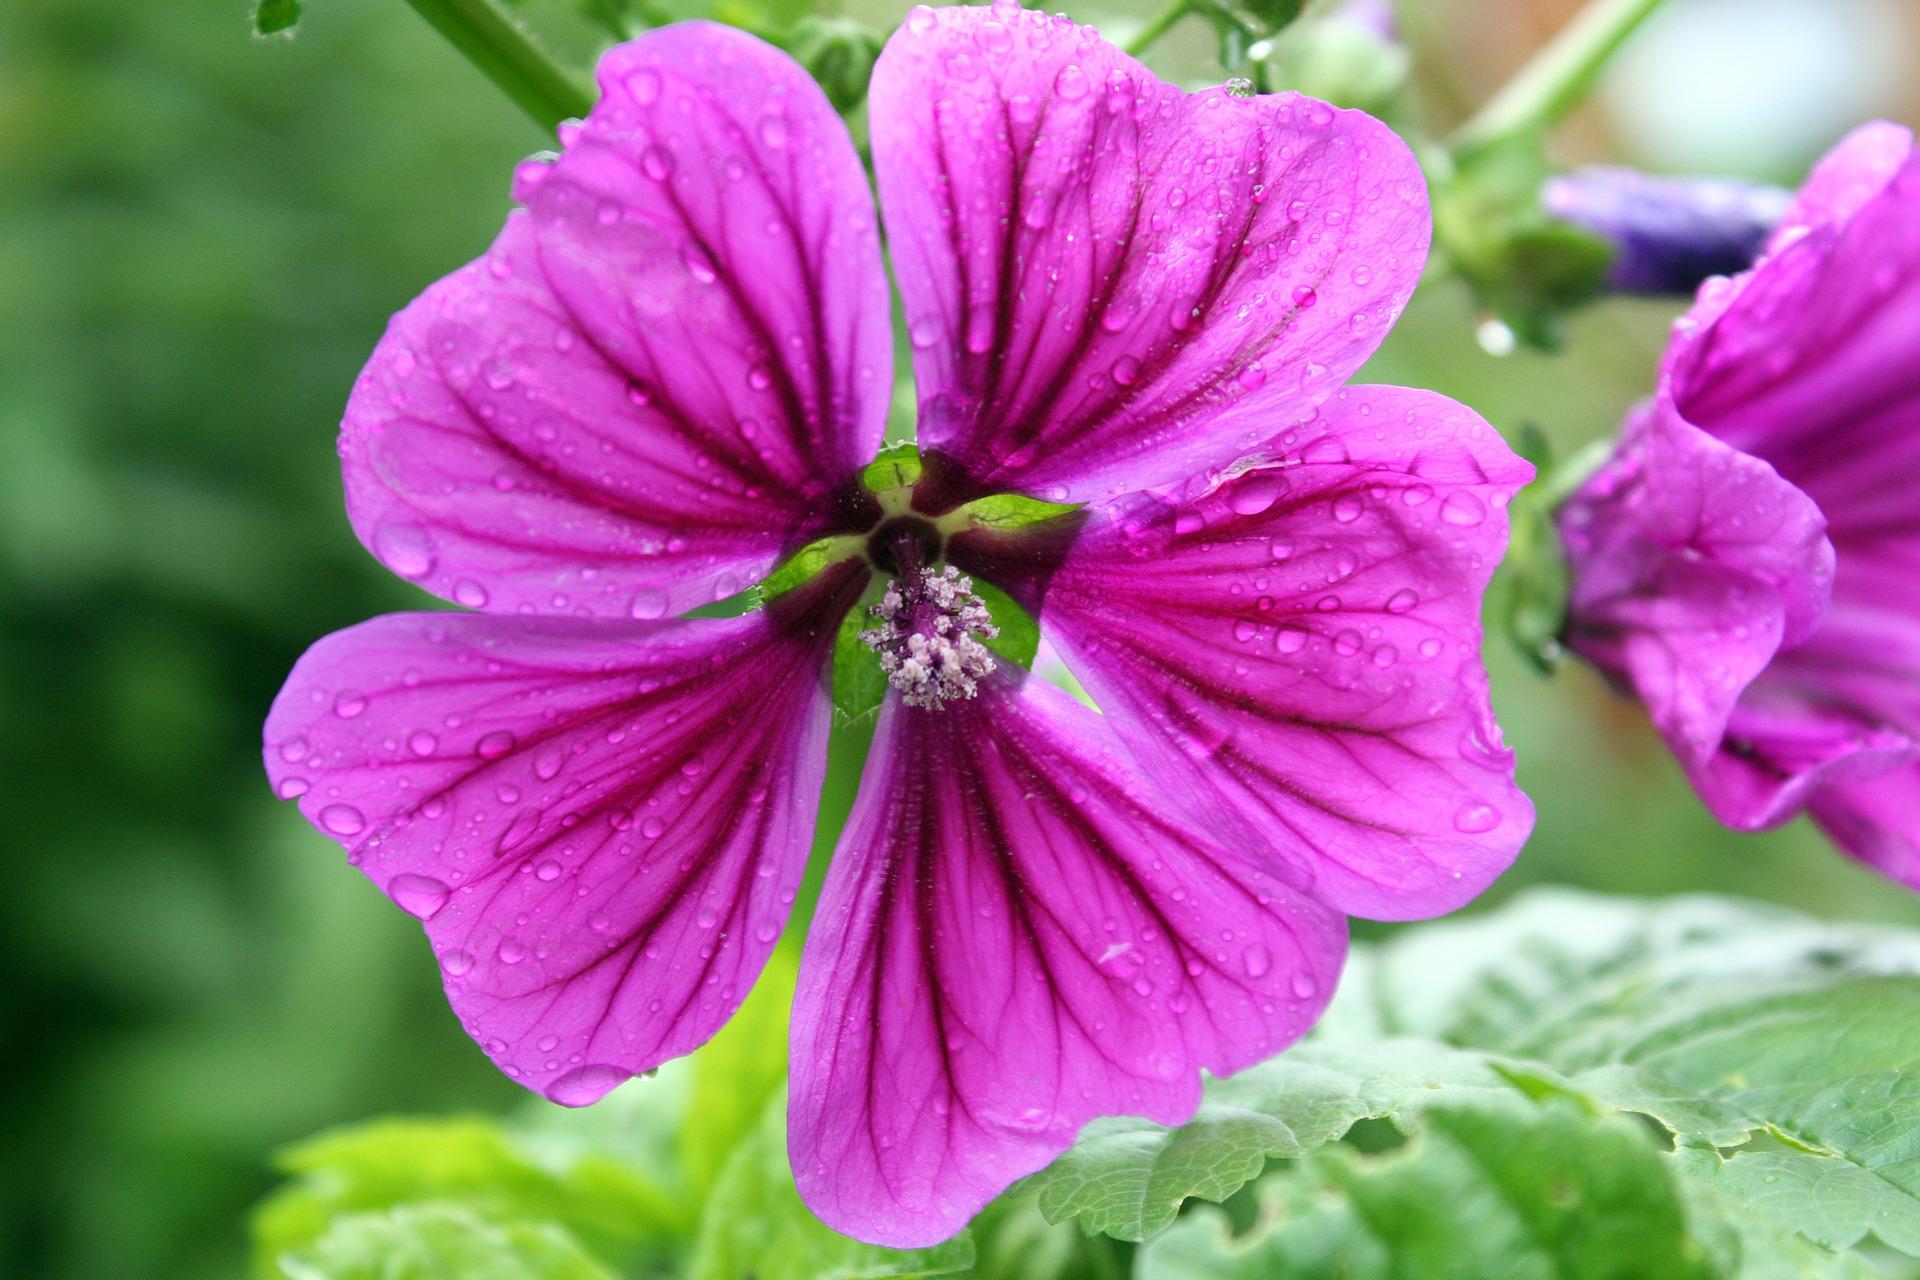 flower-3088387_1920.jpg